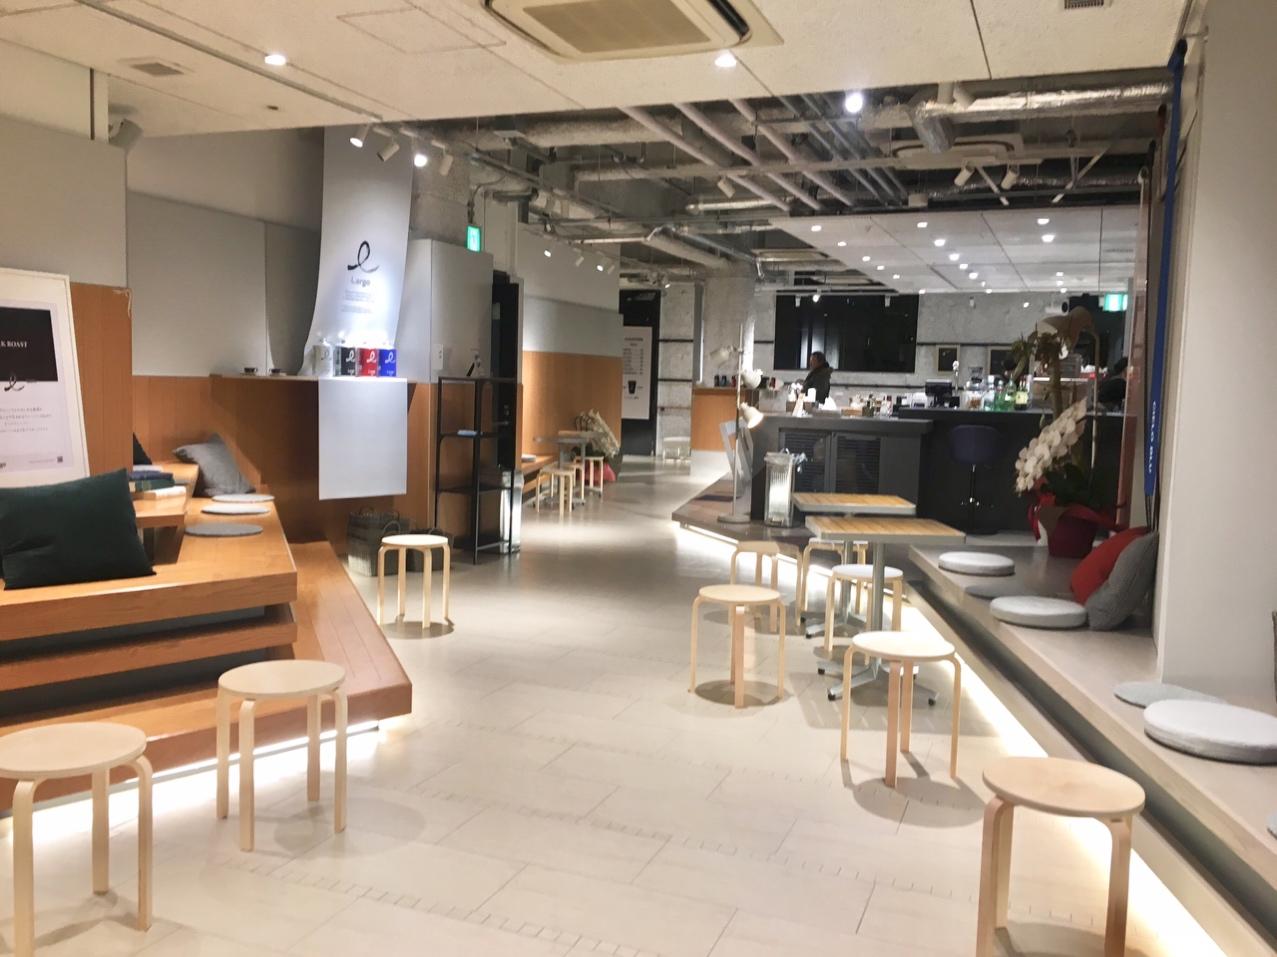 開幕前にチェック!横浜スタジアムすぐにコーヒースタンドがオープン_2